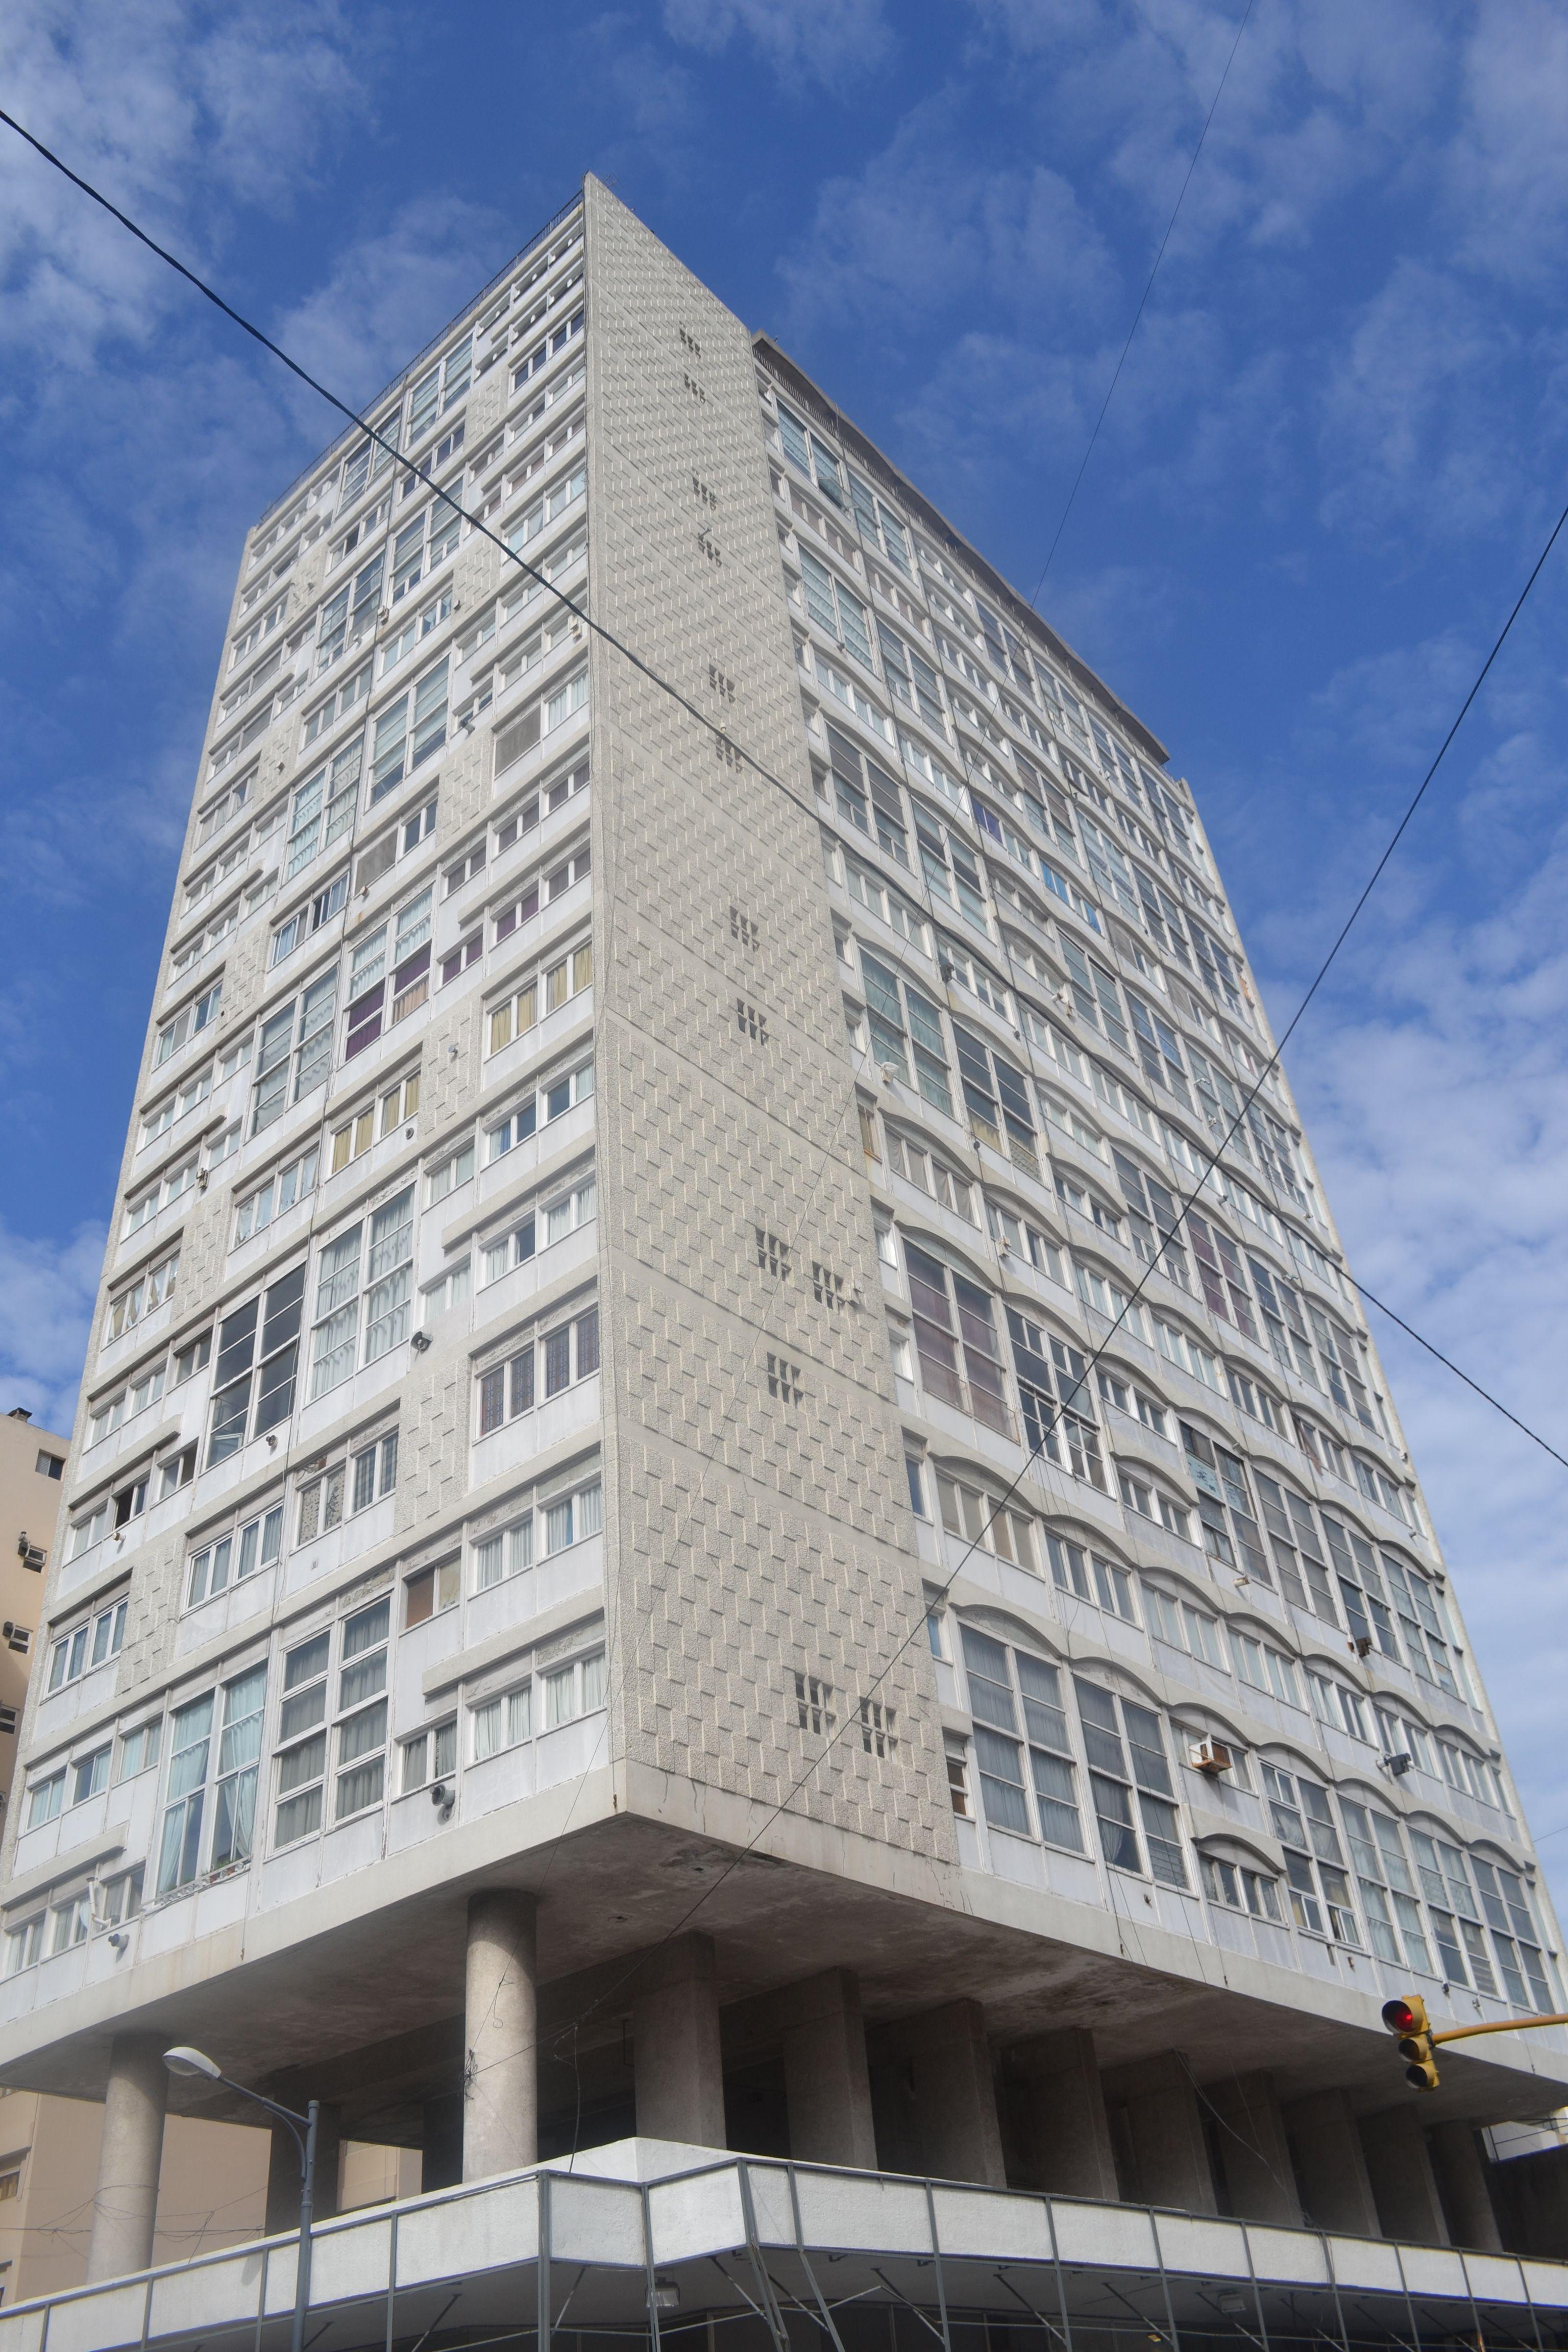 Antonio Bonet Galeria y Rascacielos Rivadavia, Mar del Plata 1957-61 ...